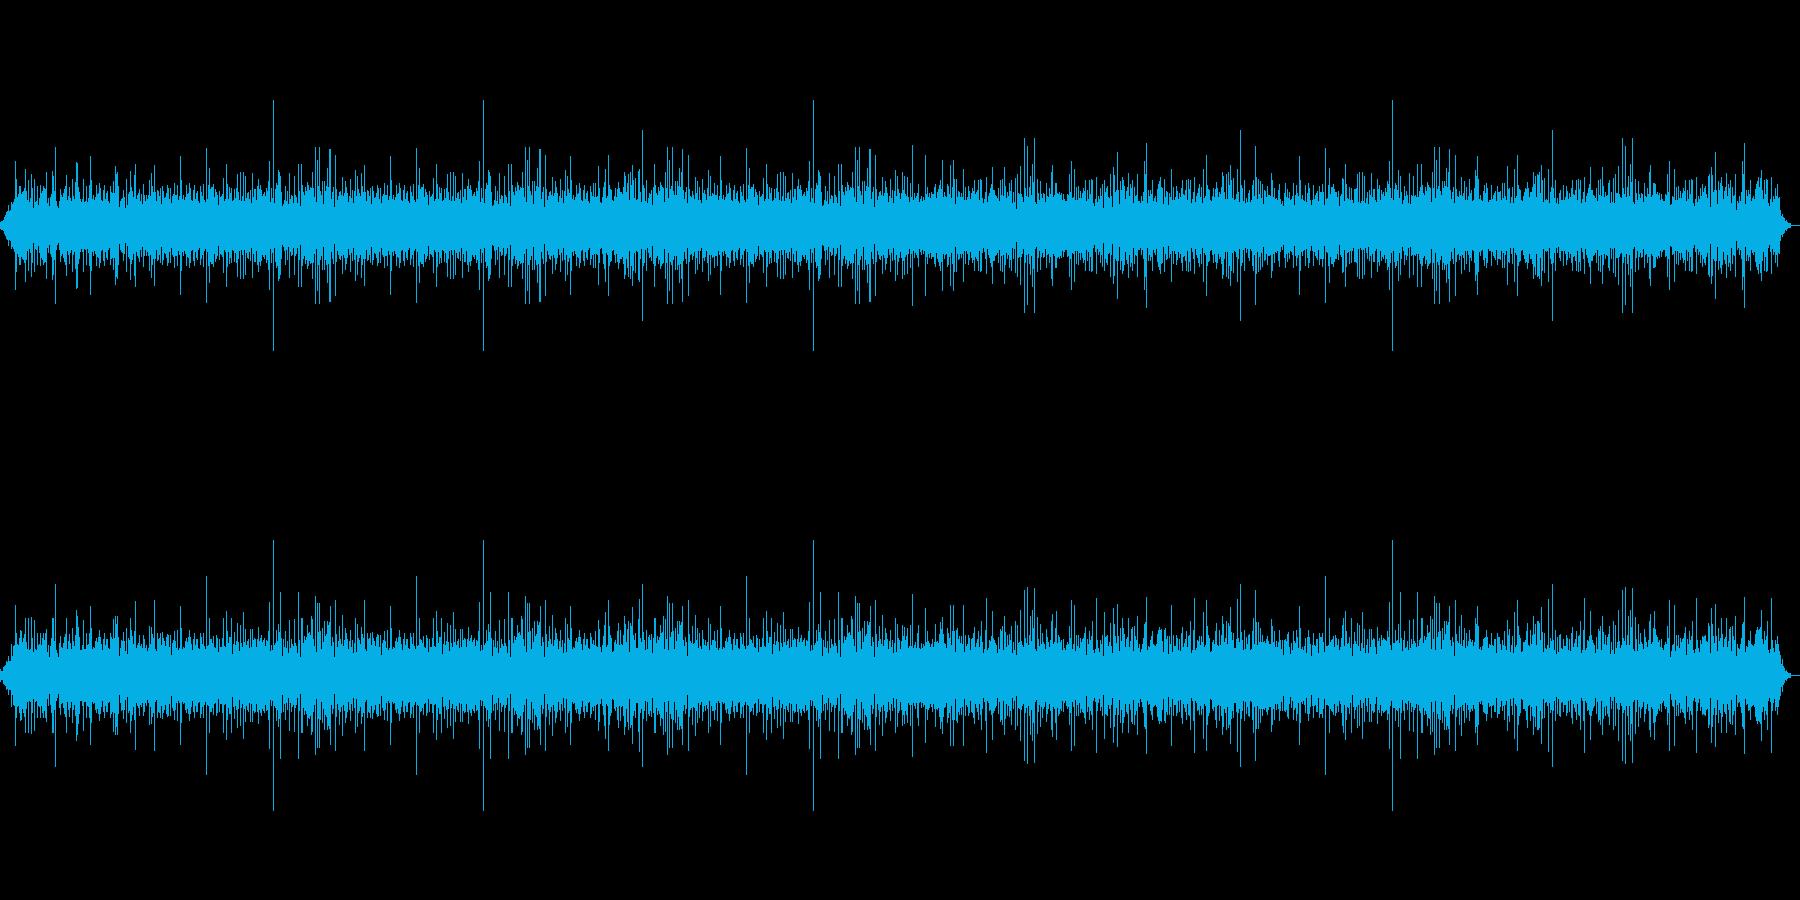 ゆるやかな川の音(サラサラ)の再生済みの波形